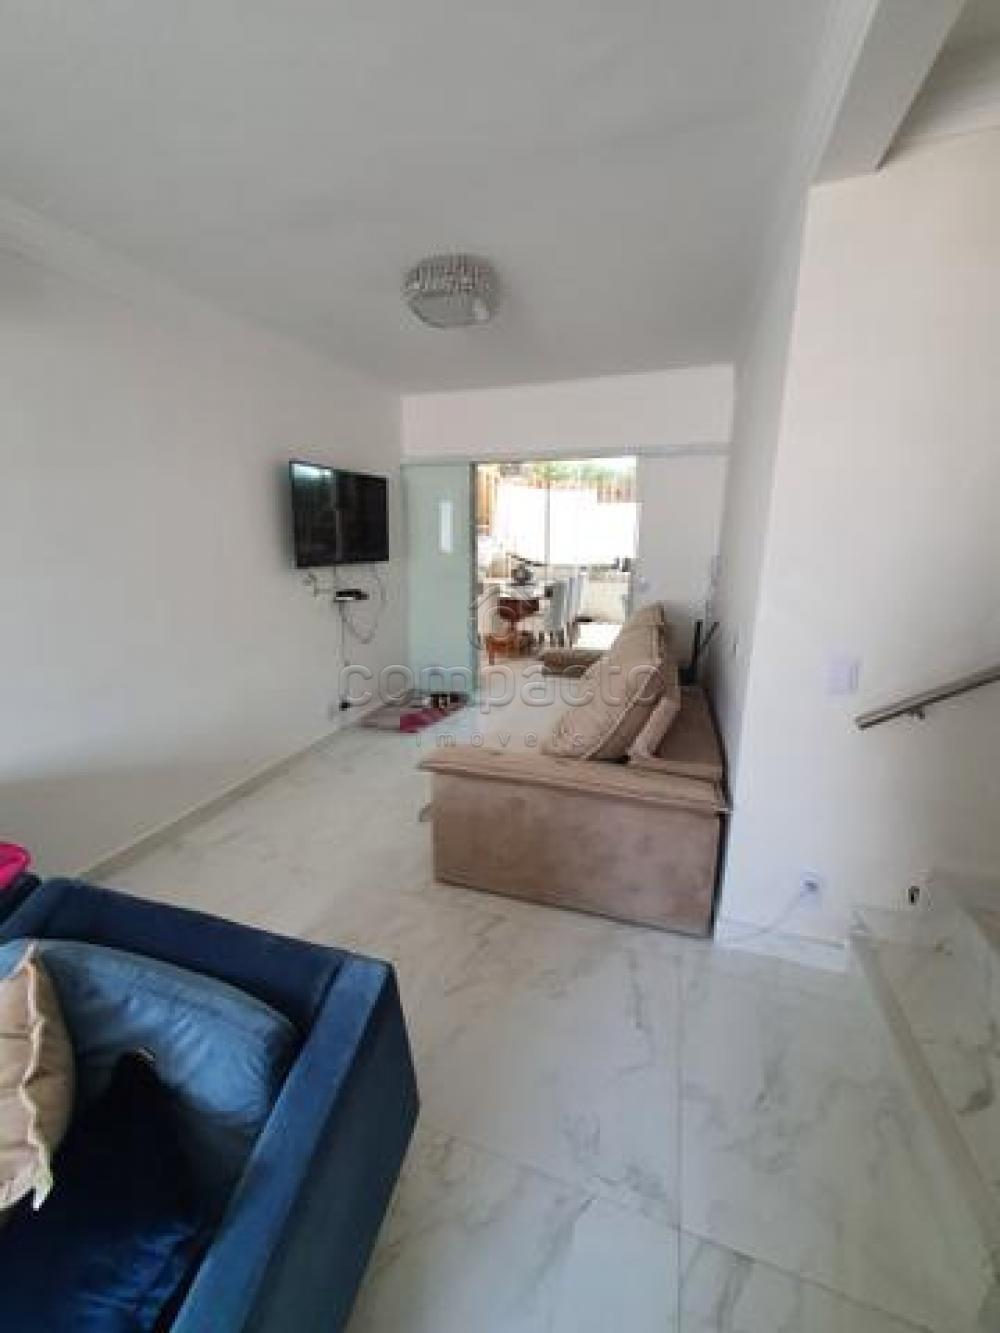 Comprar Casa / Condomínio em São José do Rio Preto apenas R$ 535.000,00 - Foto 4